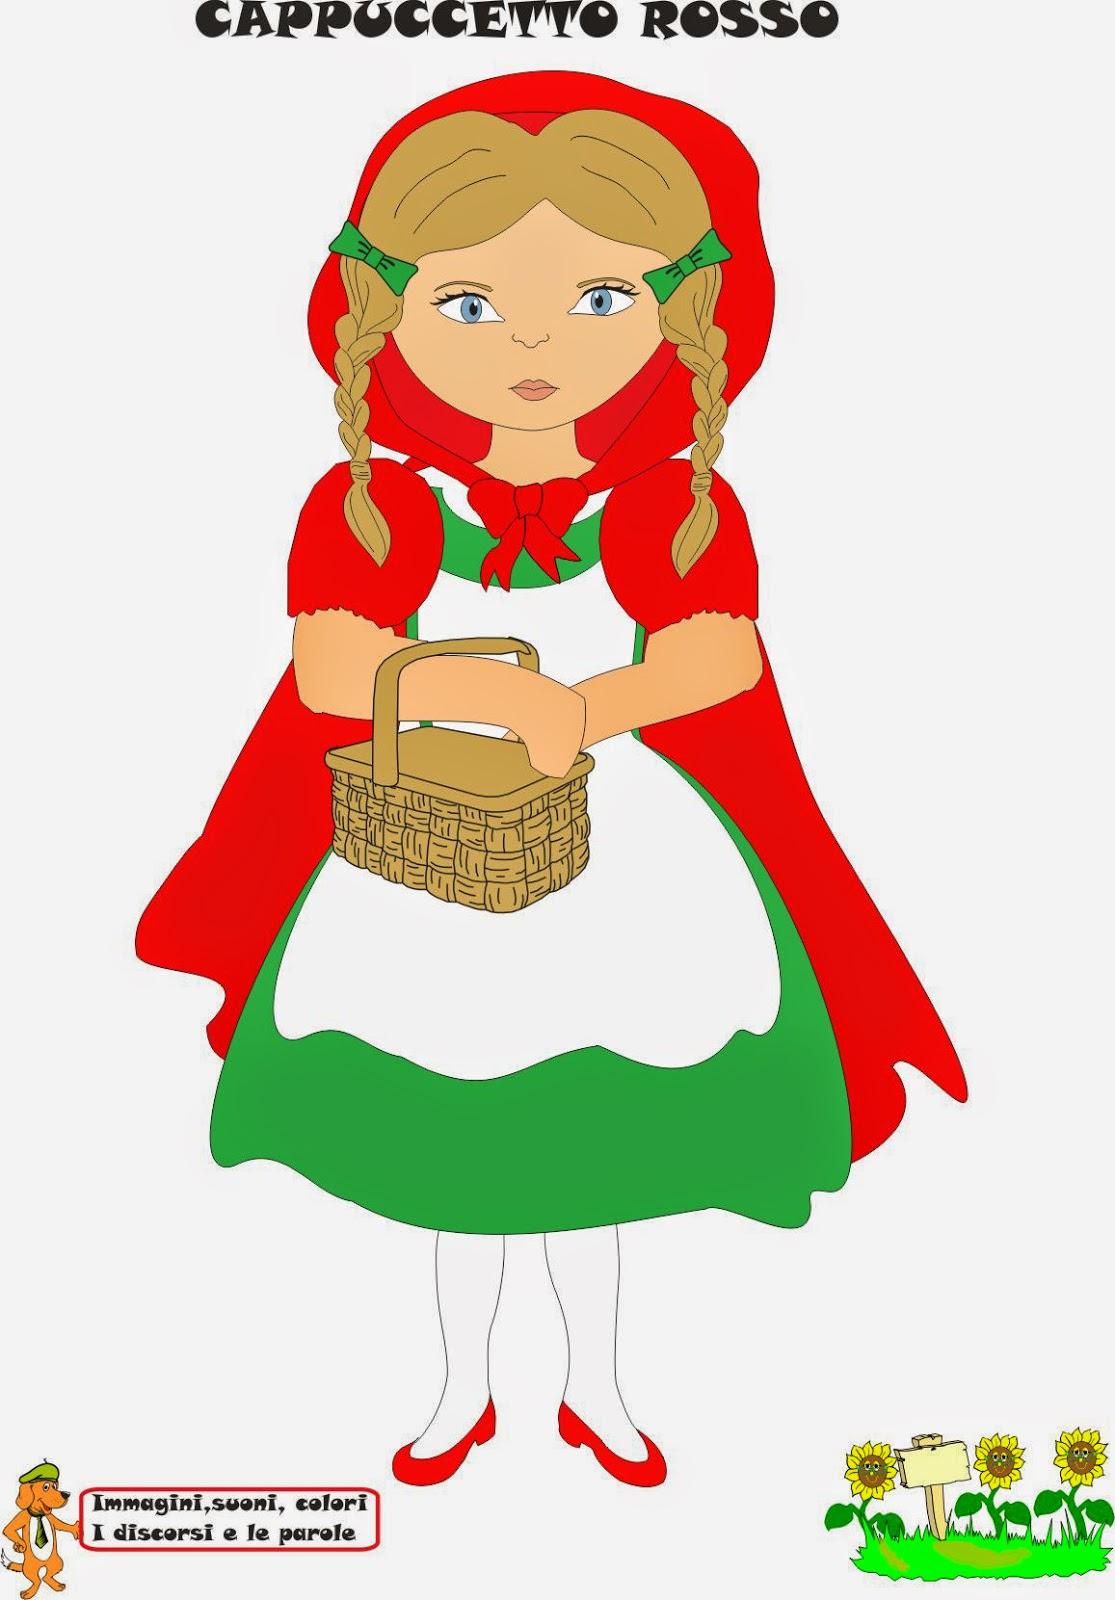 Immagini di cappuccetto rosso da colorare for Cappuccetto rosso da colorare